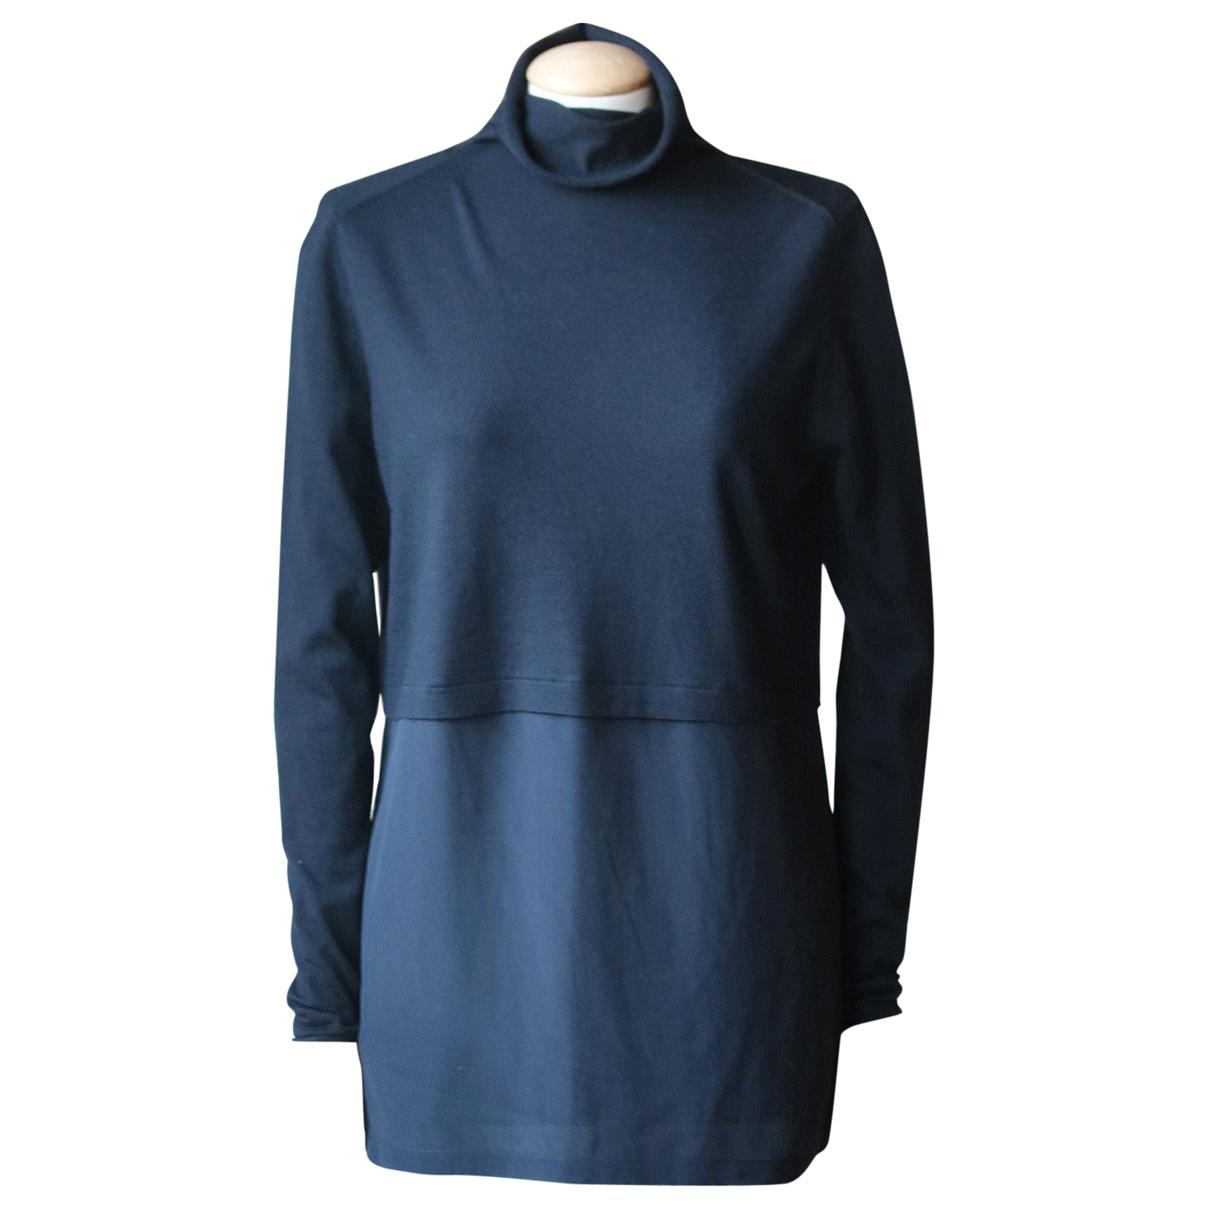 Chloé N Black Wool Knitwear for Women S International